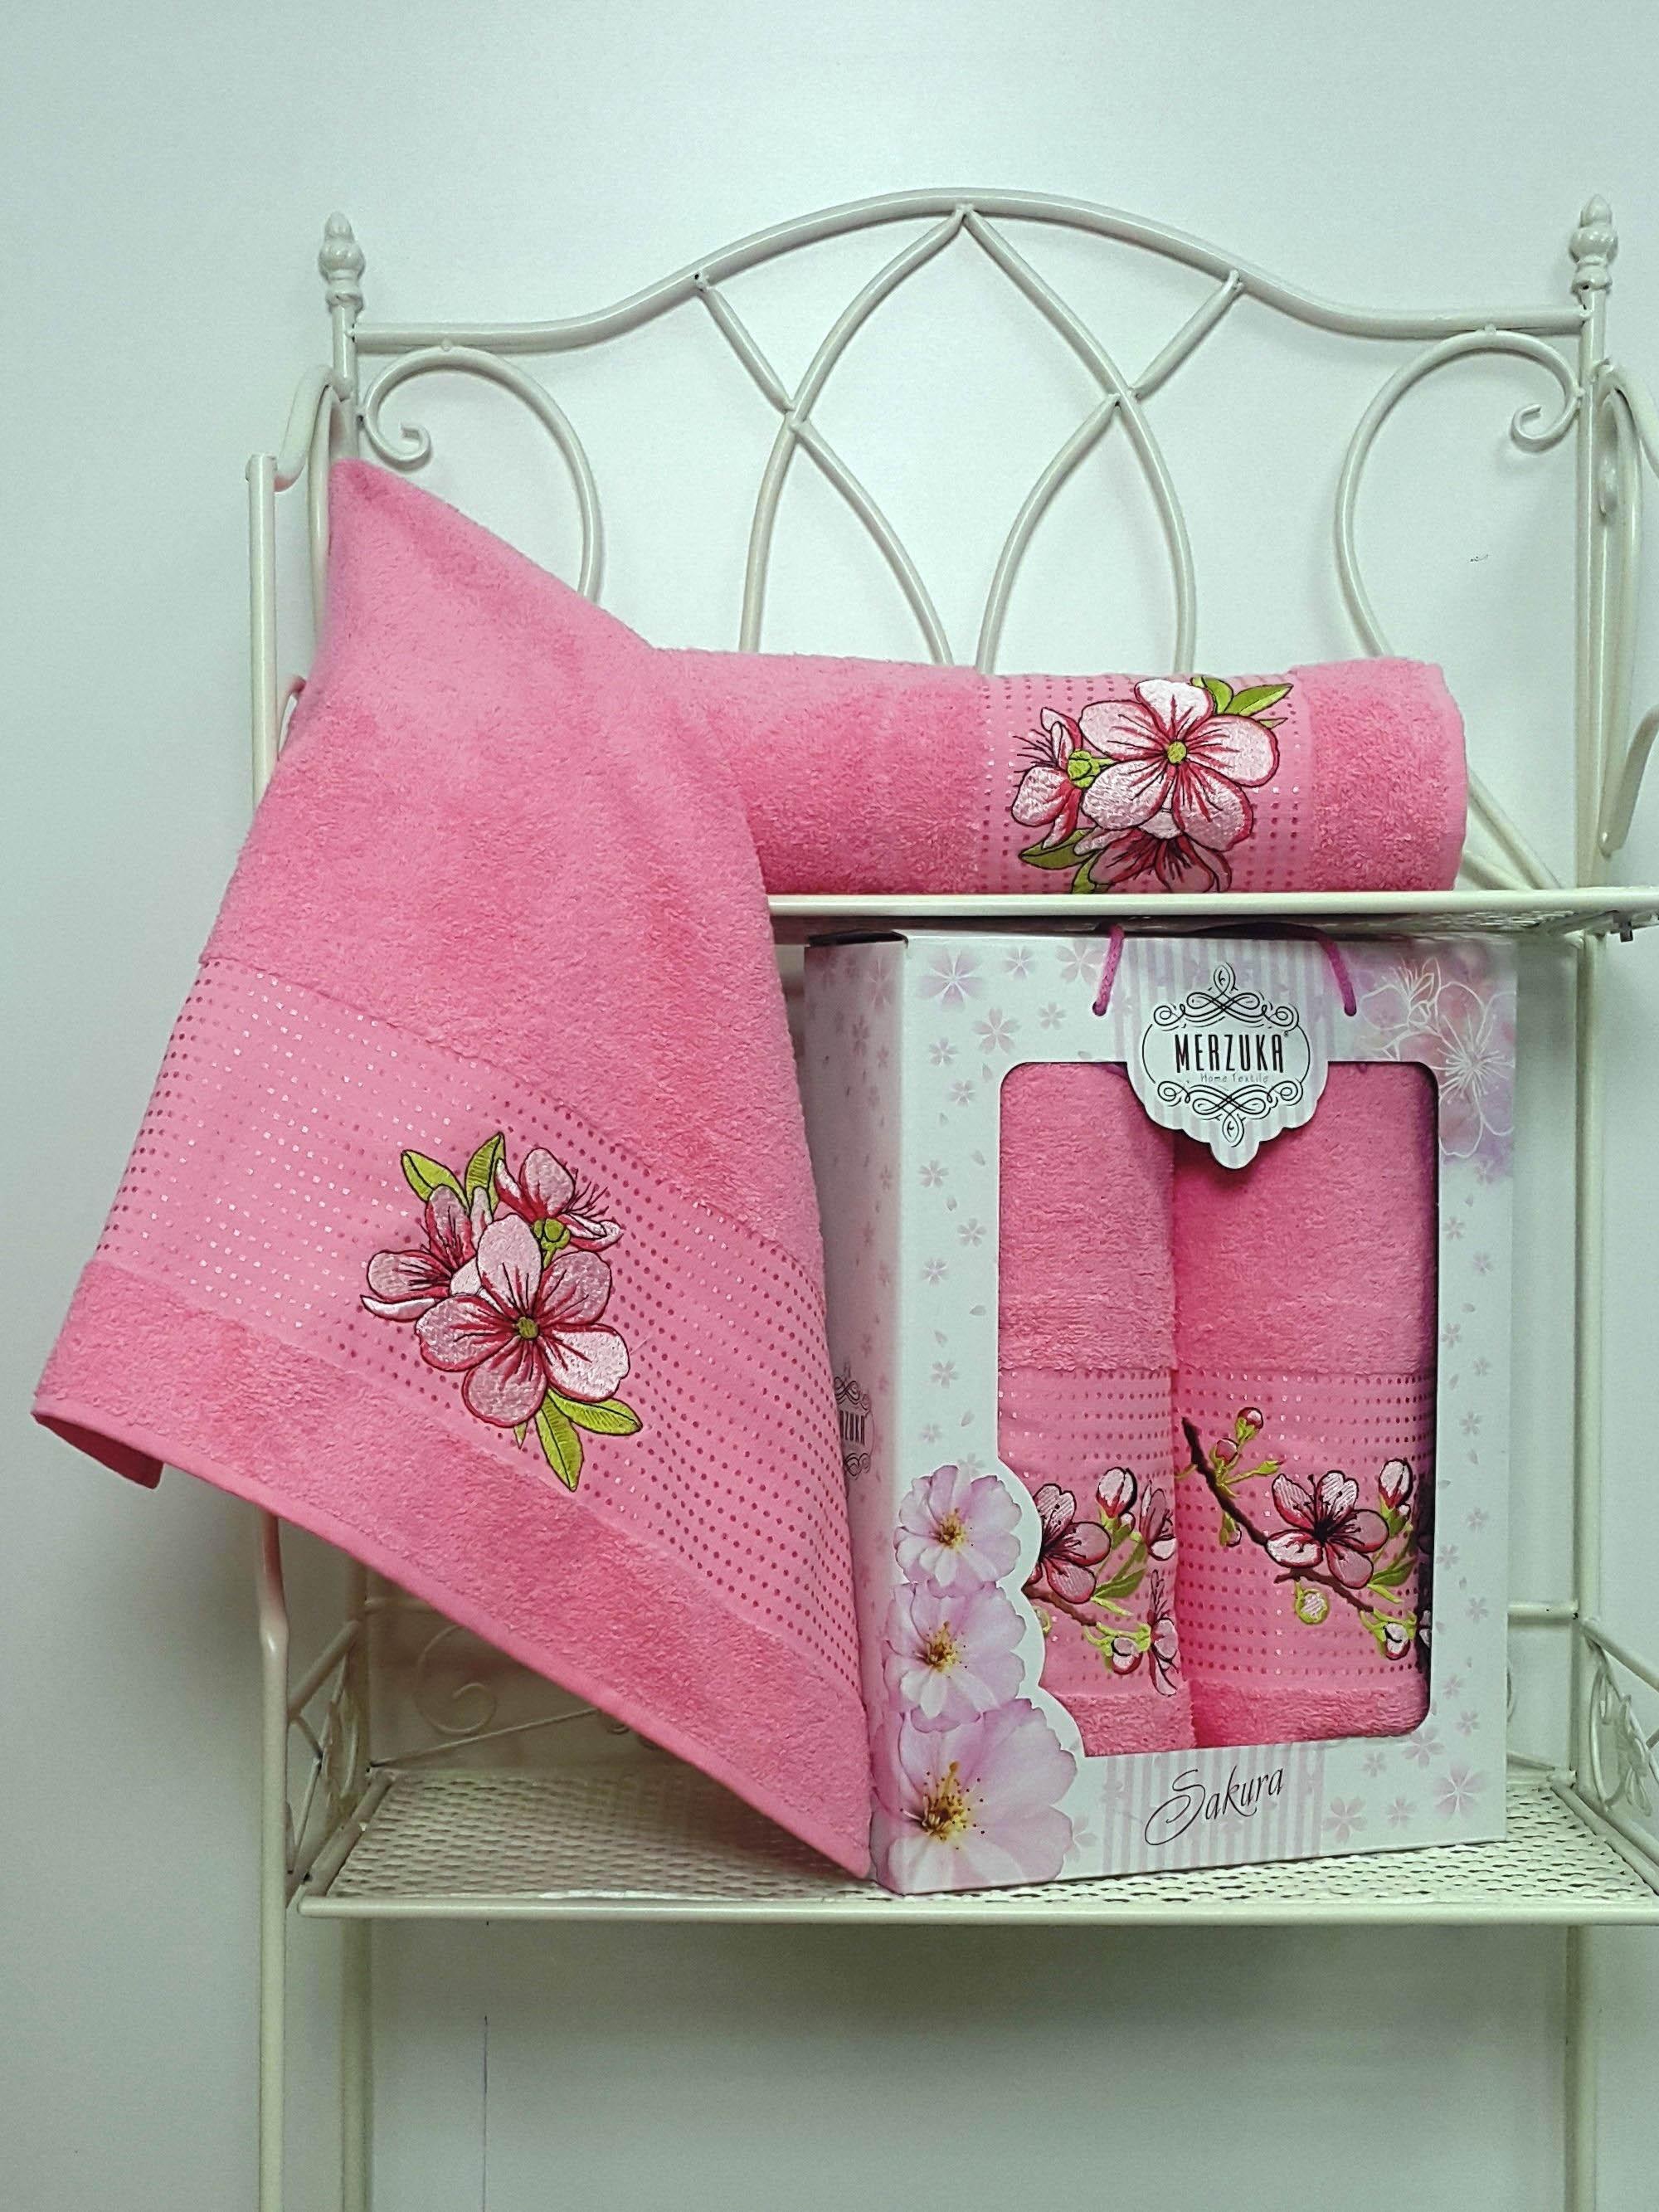 Полотенца Oran Merzuka Полотенце Sakura Цвет: Розовый (Набор) набор из 3 полотенец merzuka sakura 50х90 2 70х140 8432 терракотовый